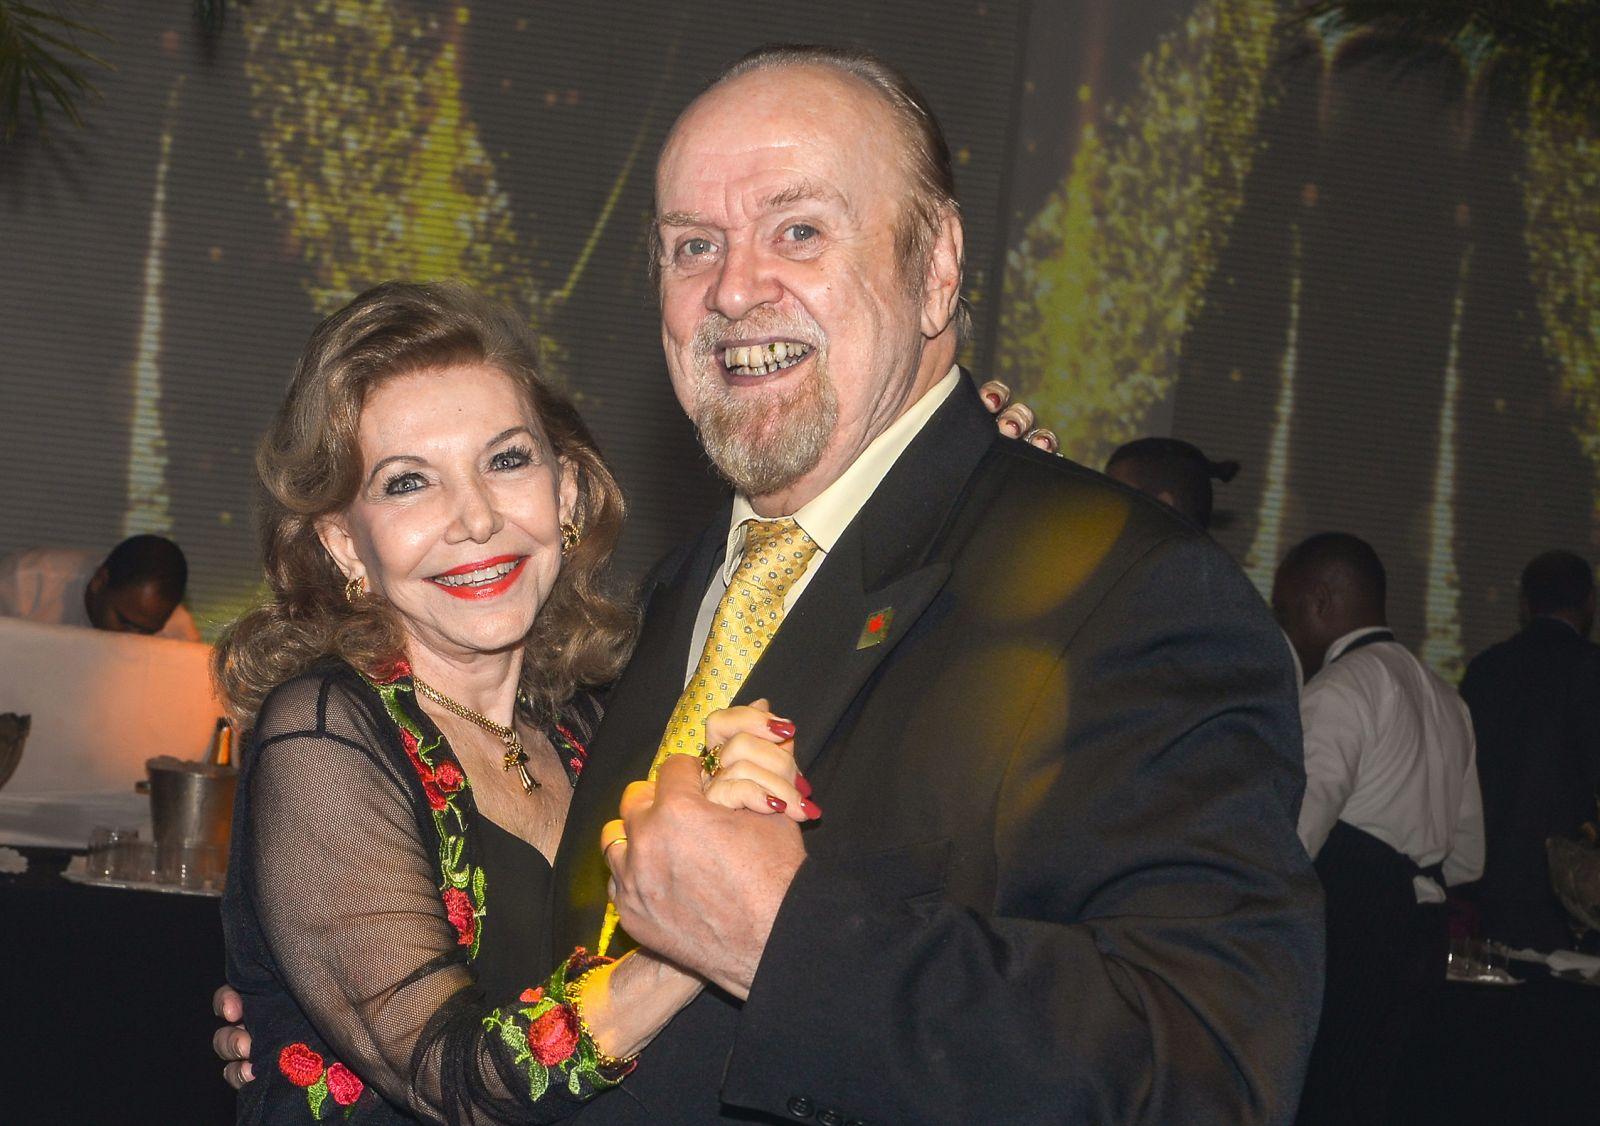 Denise e Marcel Lavalle Professor e Cônsul do Canadá em Salvador é o casal destaque de hoje dia 31 de julho de 2019